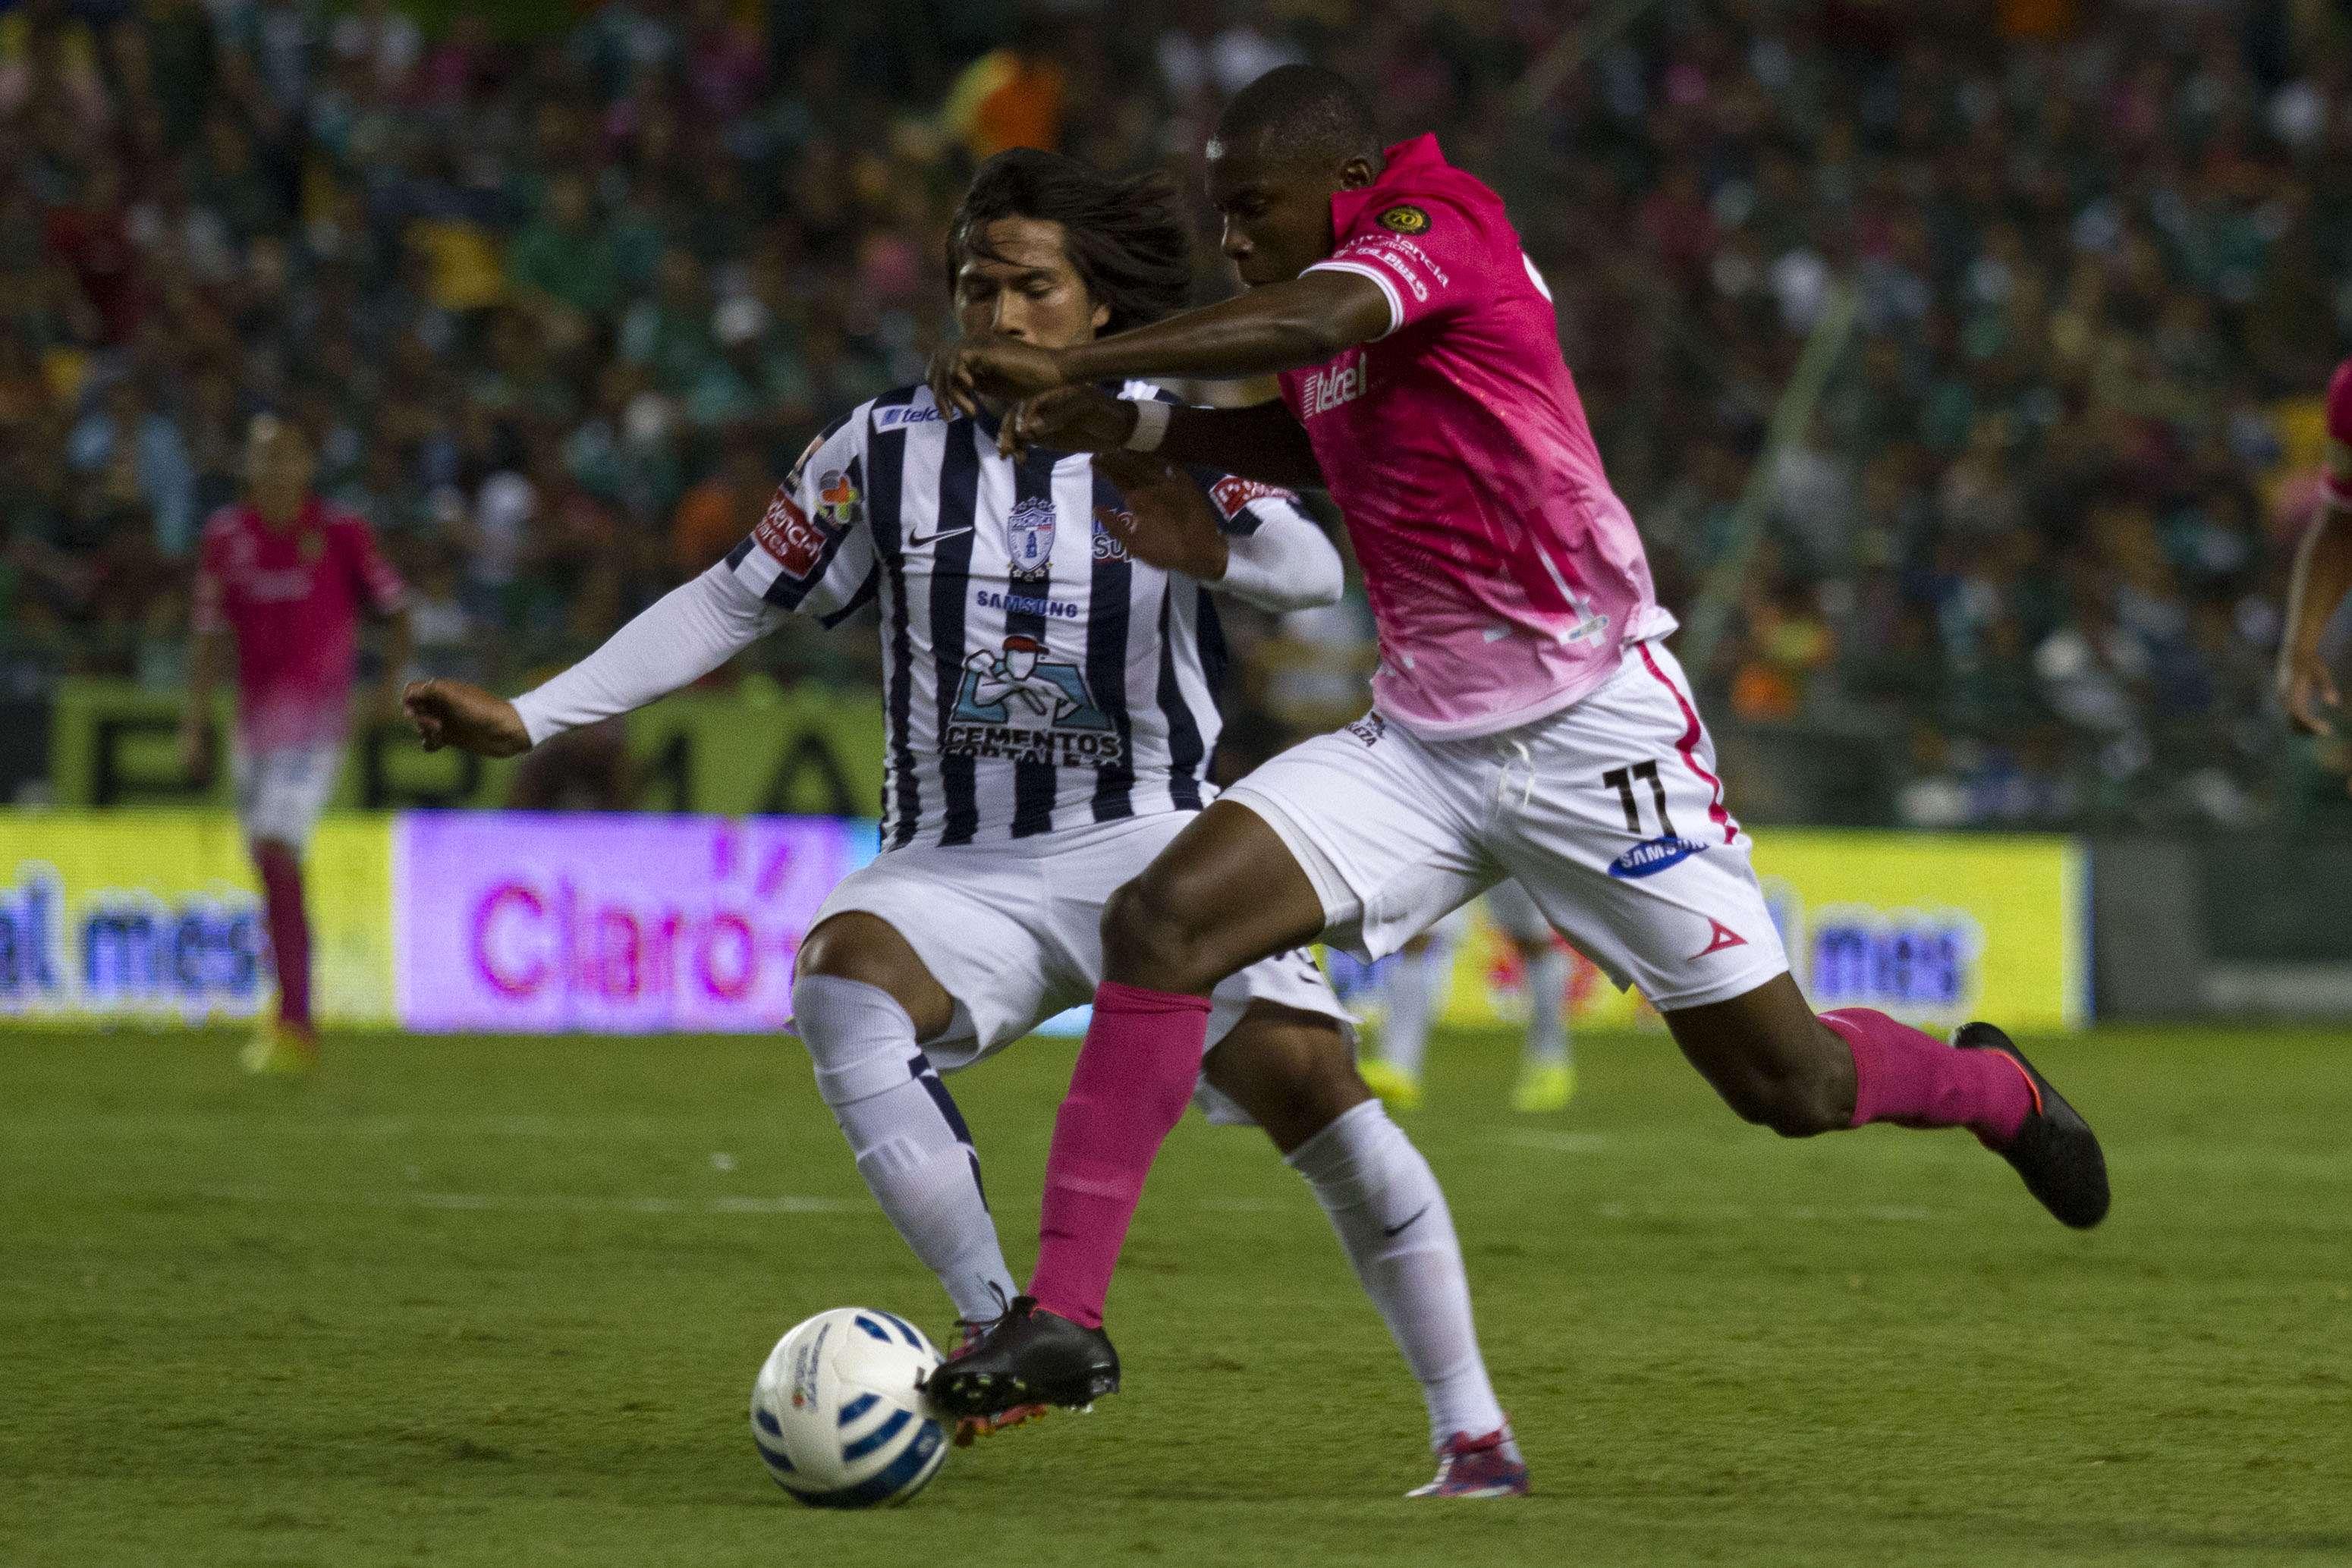 León ante Pachuca en el Estadio del León en un duelo de la familia Martínez. Foto: Imago 7